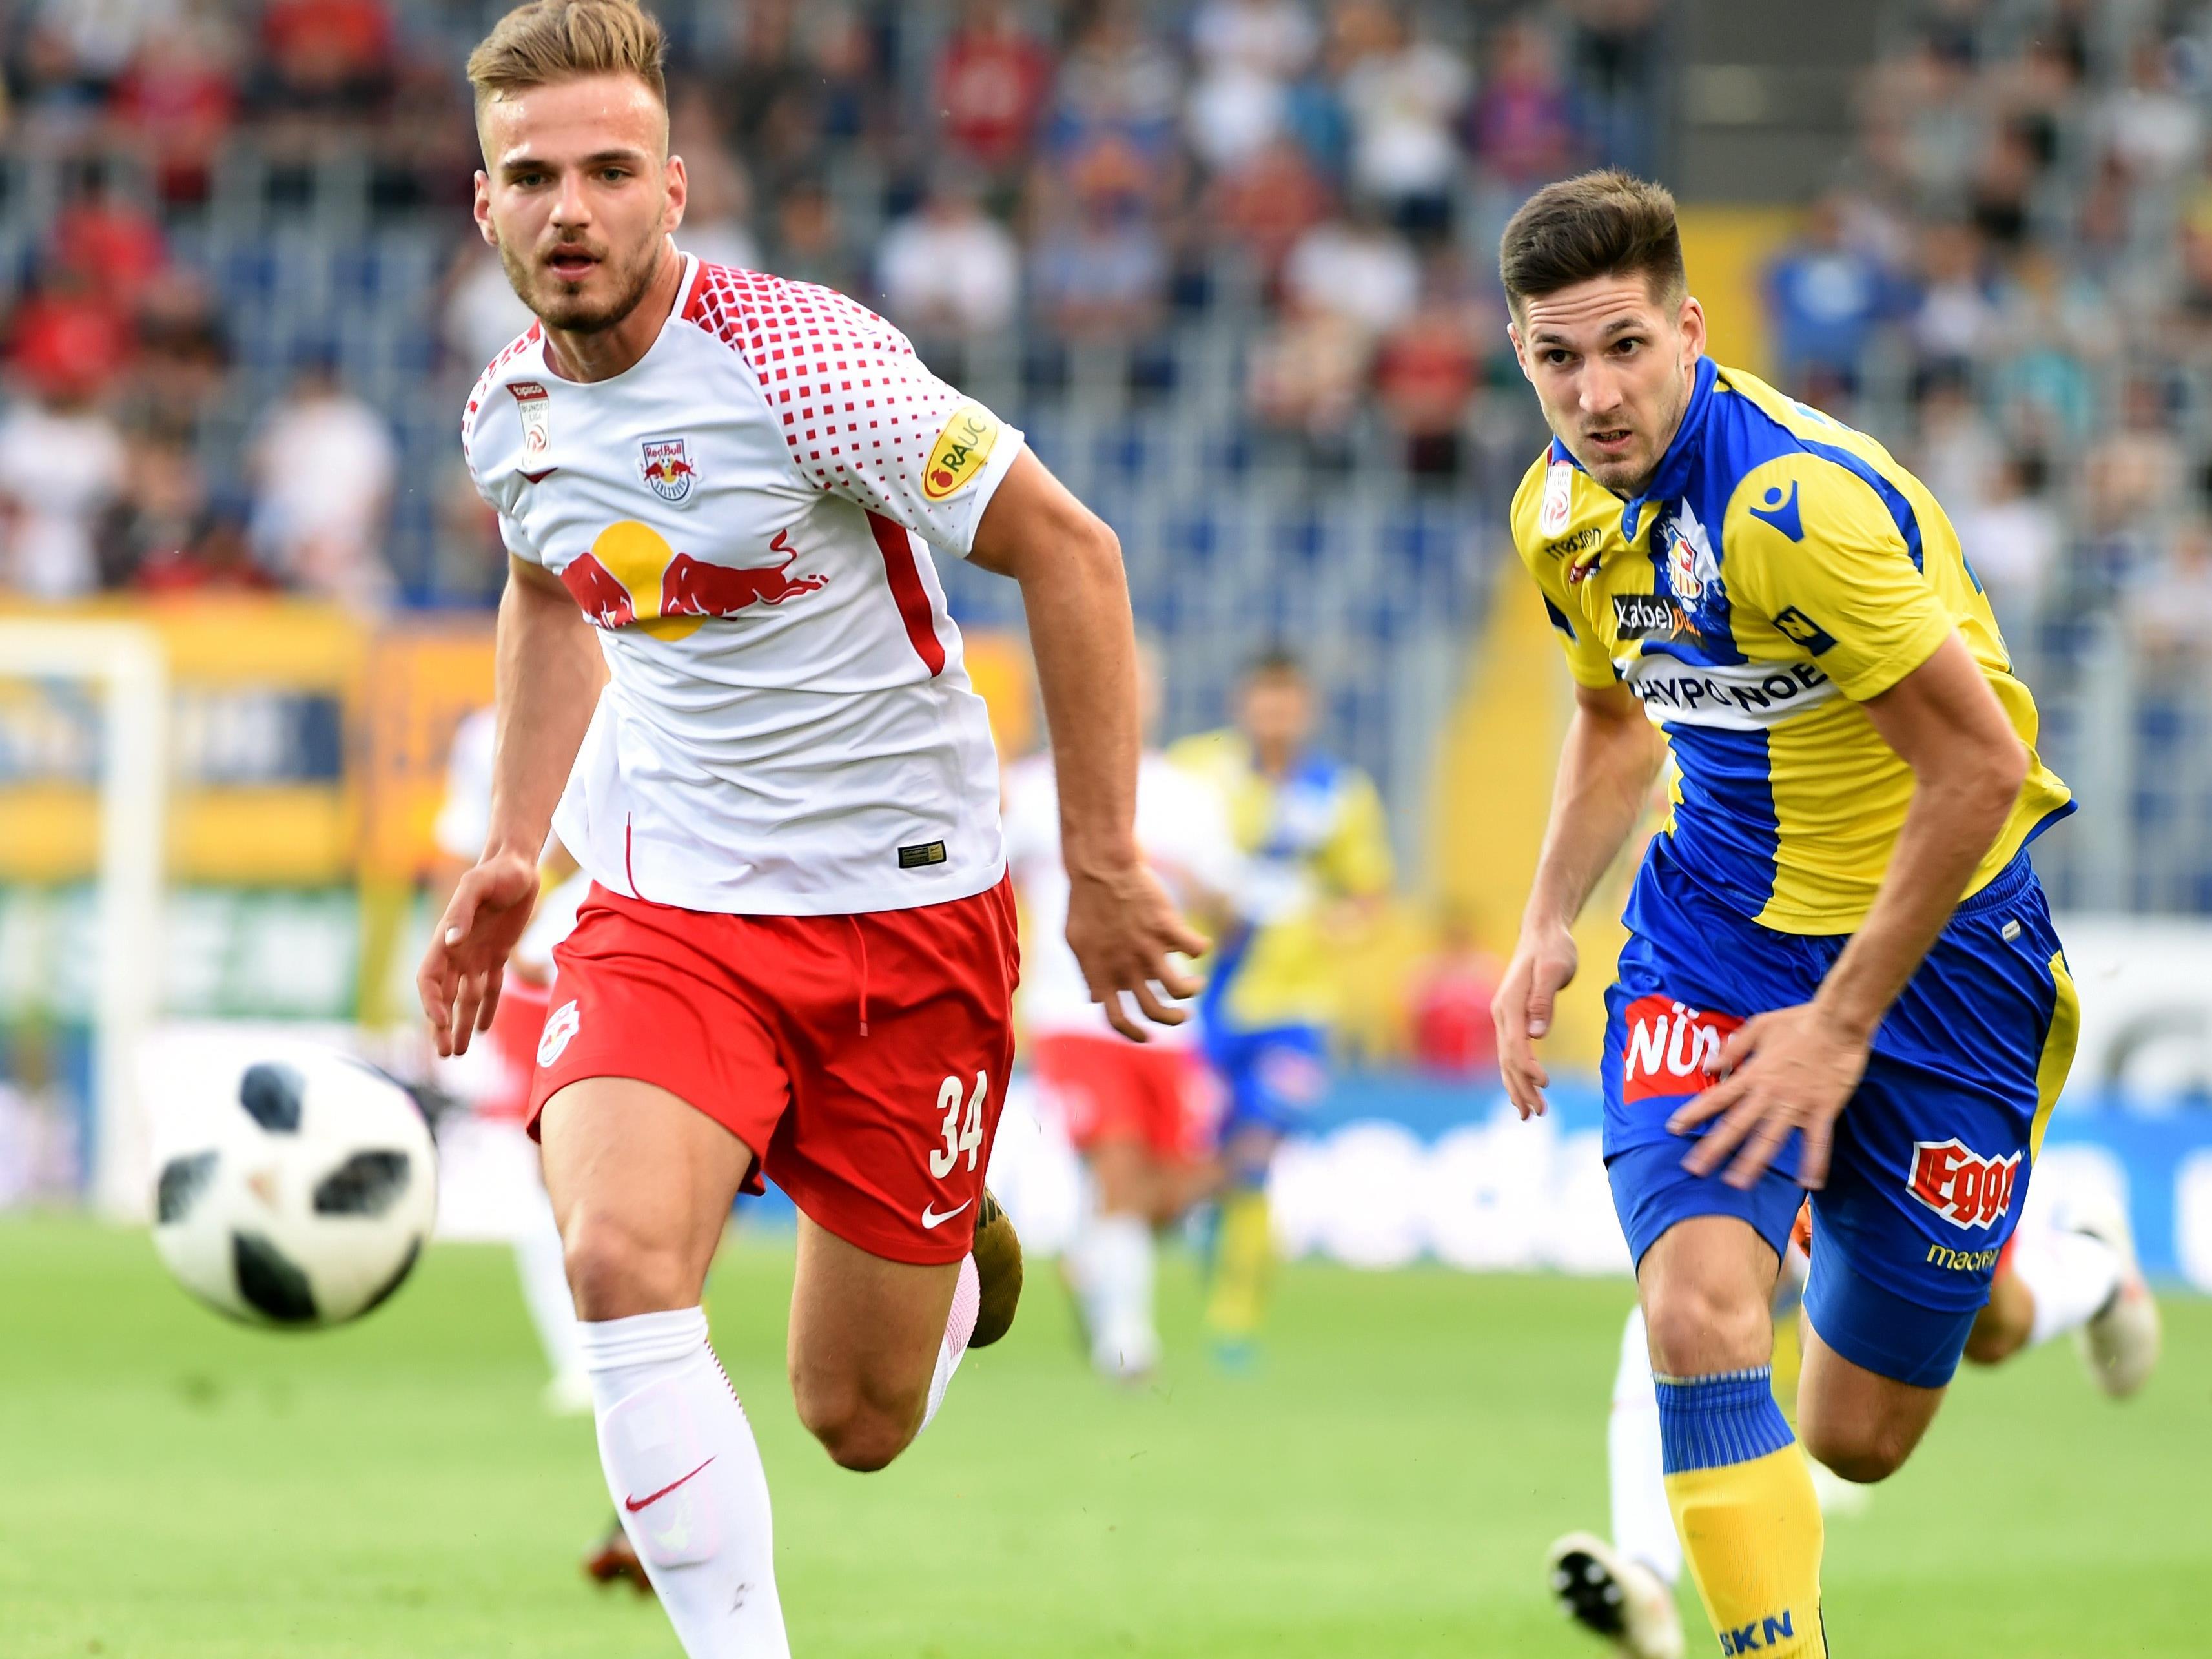 Red Bull Salzburg gewinnt in St. Pölten mit 2:0.